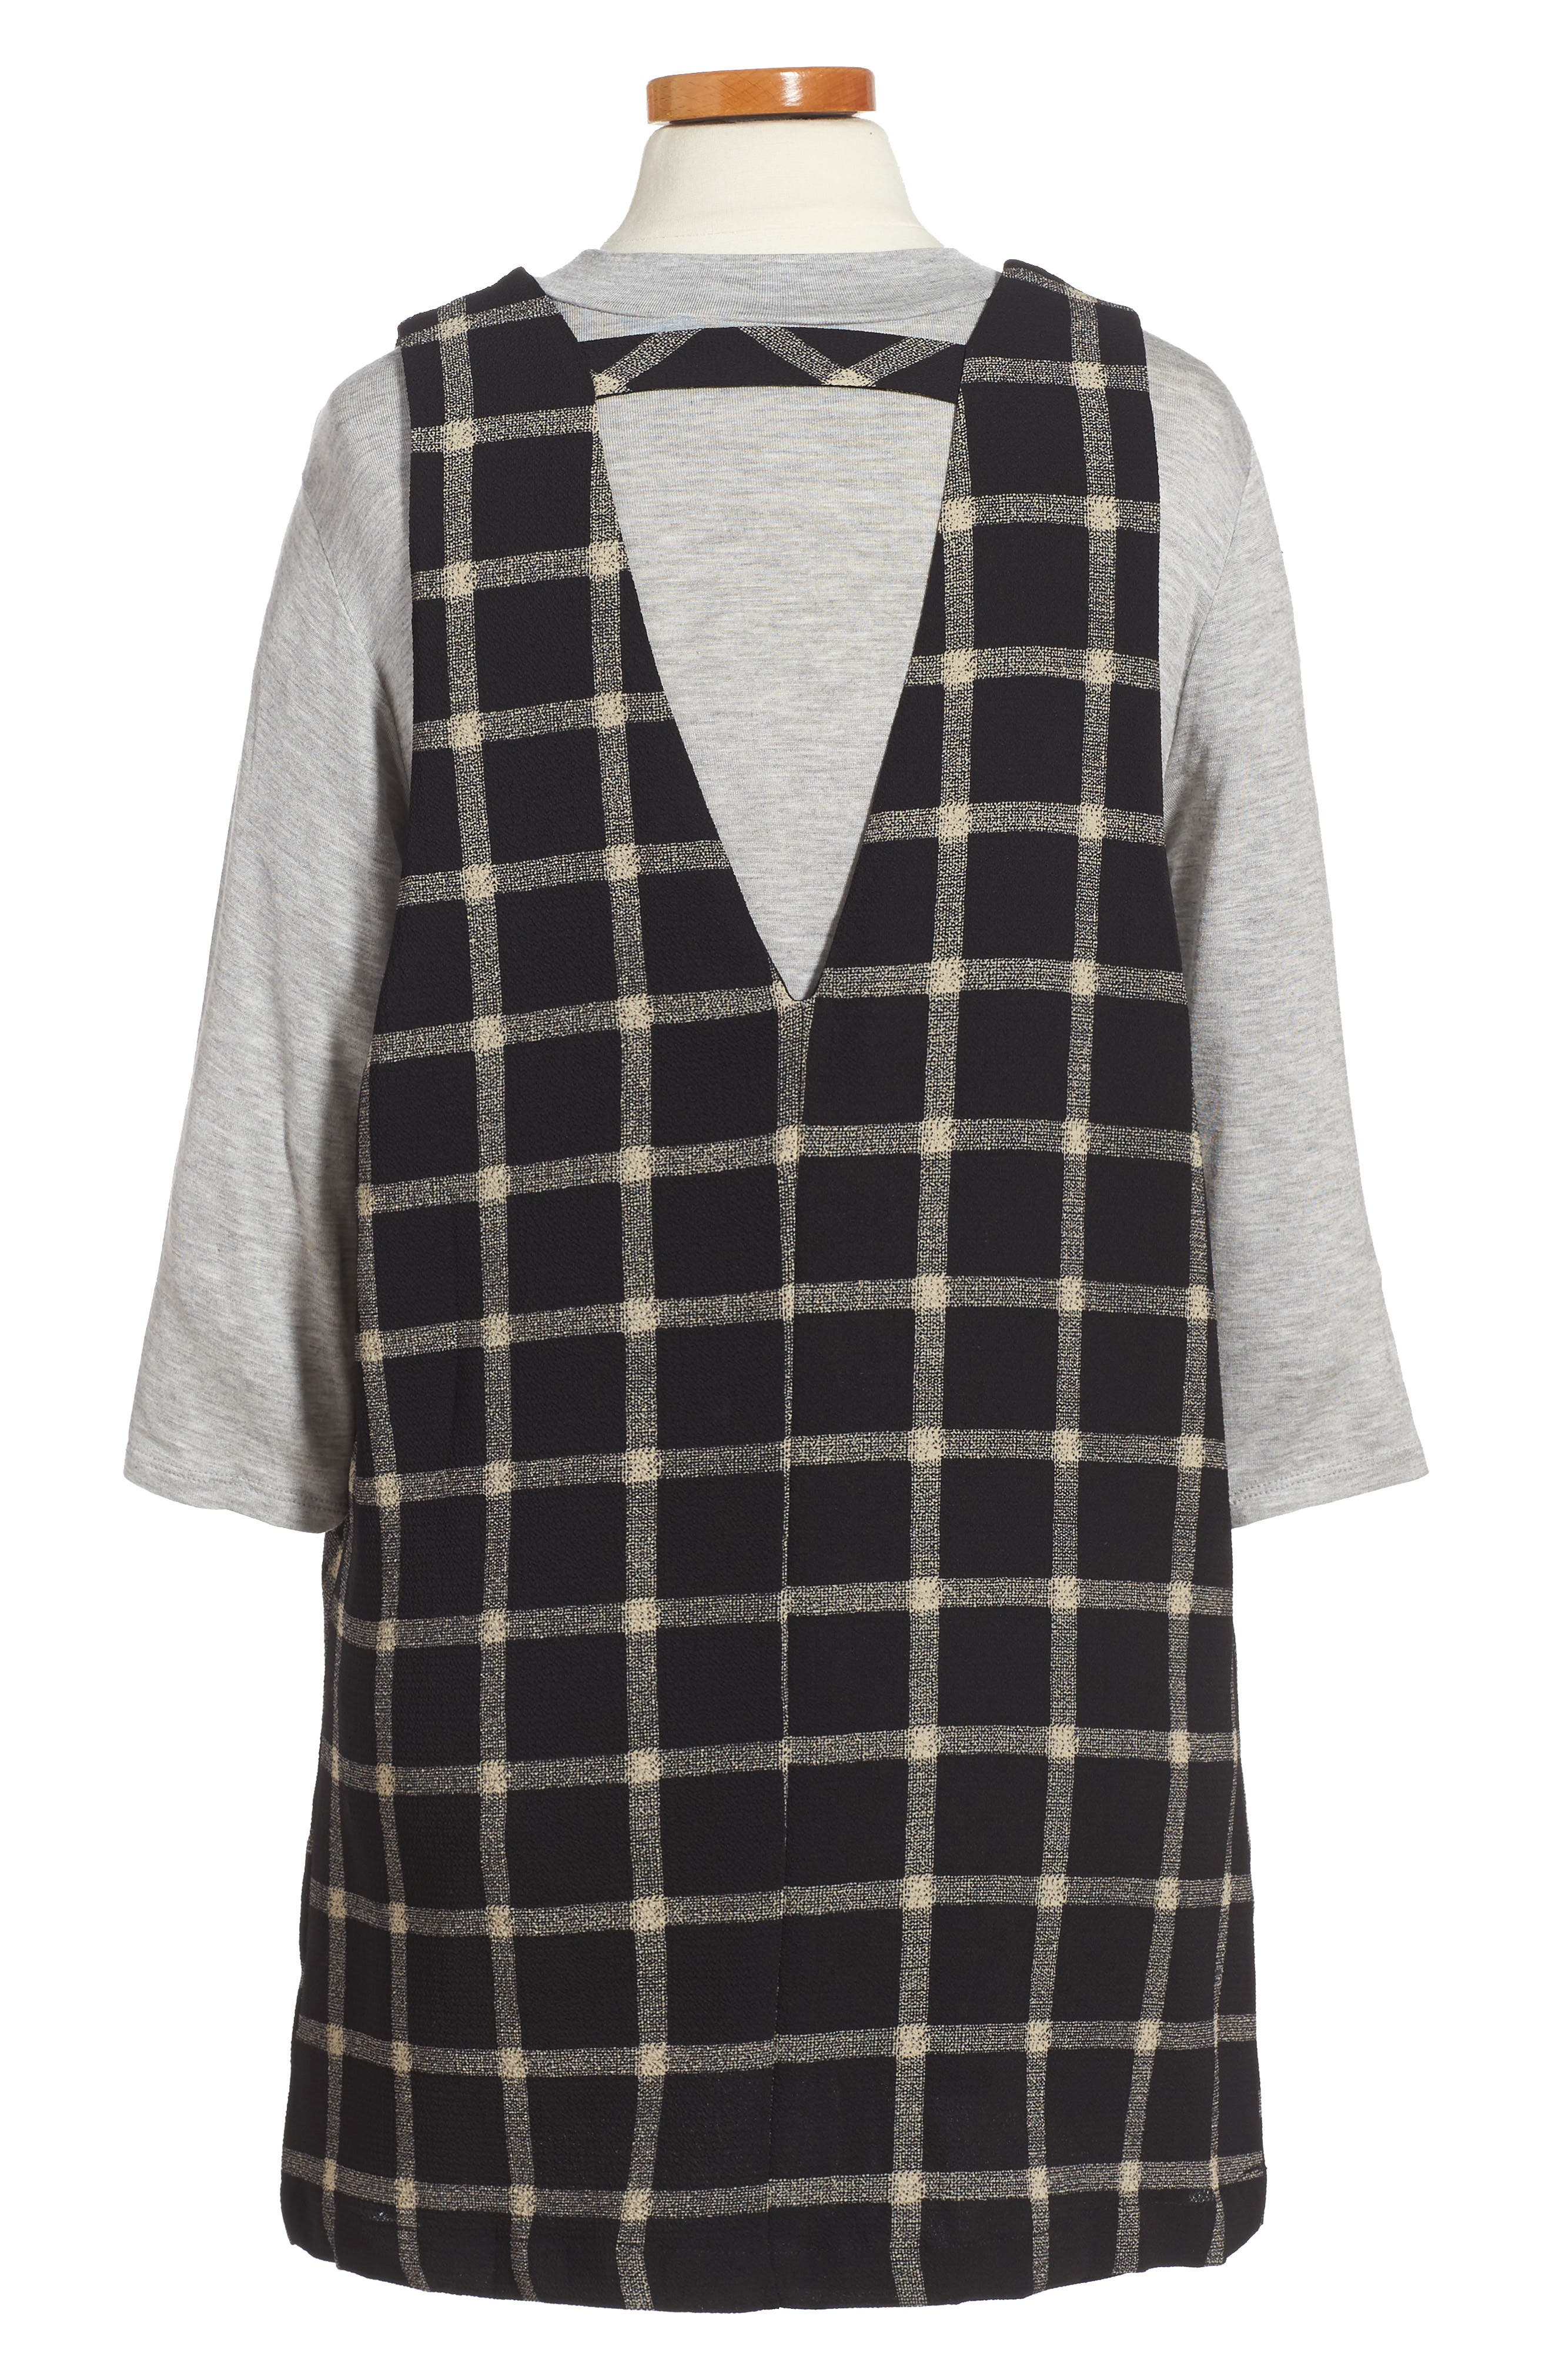 Plaid Top & Jumper Dress Set,                         Main,                         color, 006